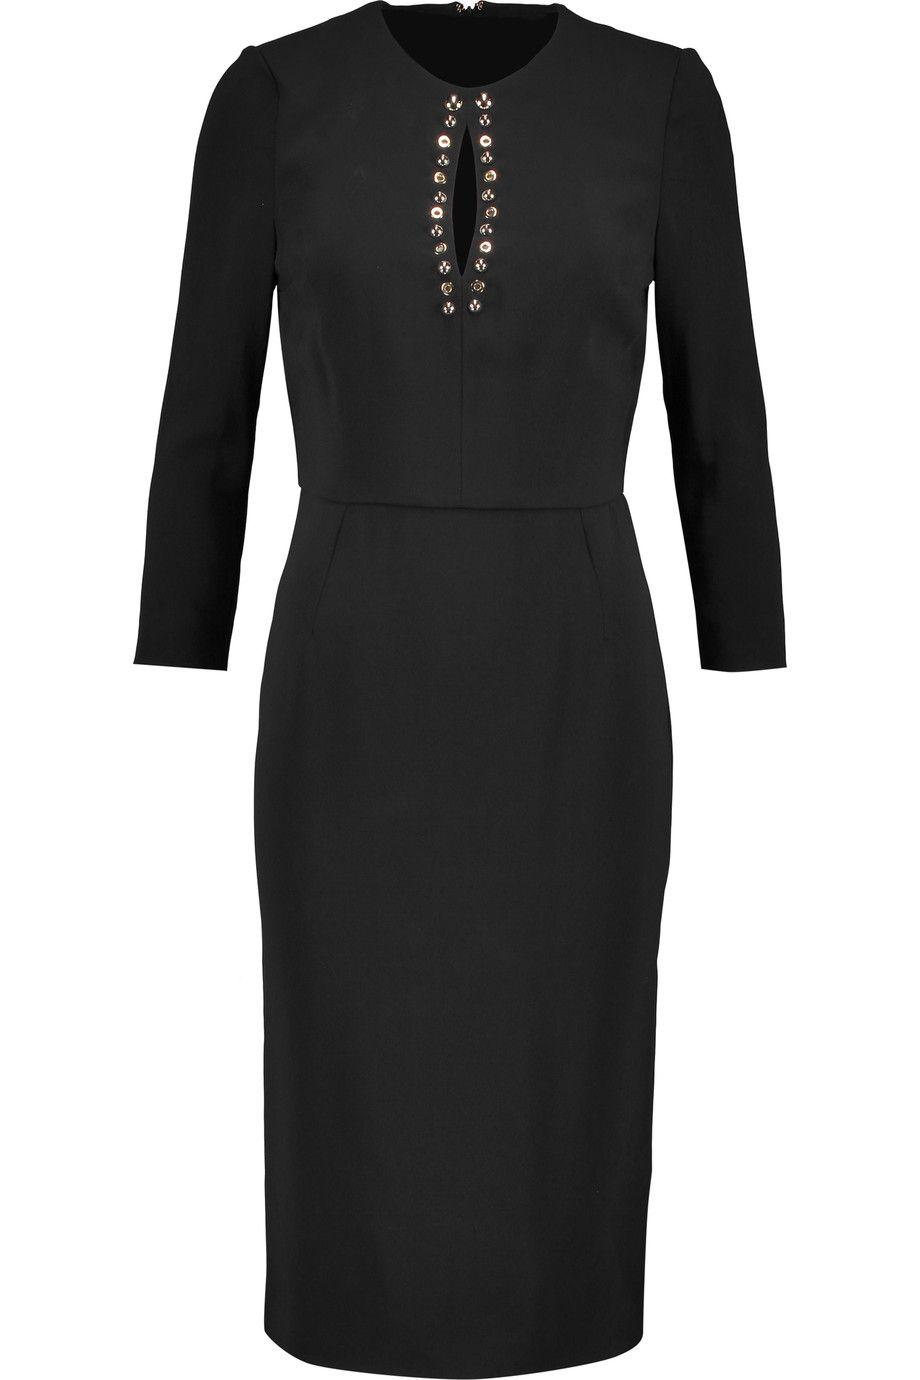 JUST CAVALLI Embellished crepe midi dress. #justcavalli #cloth #dress